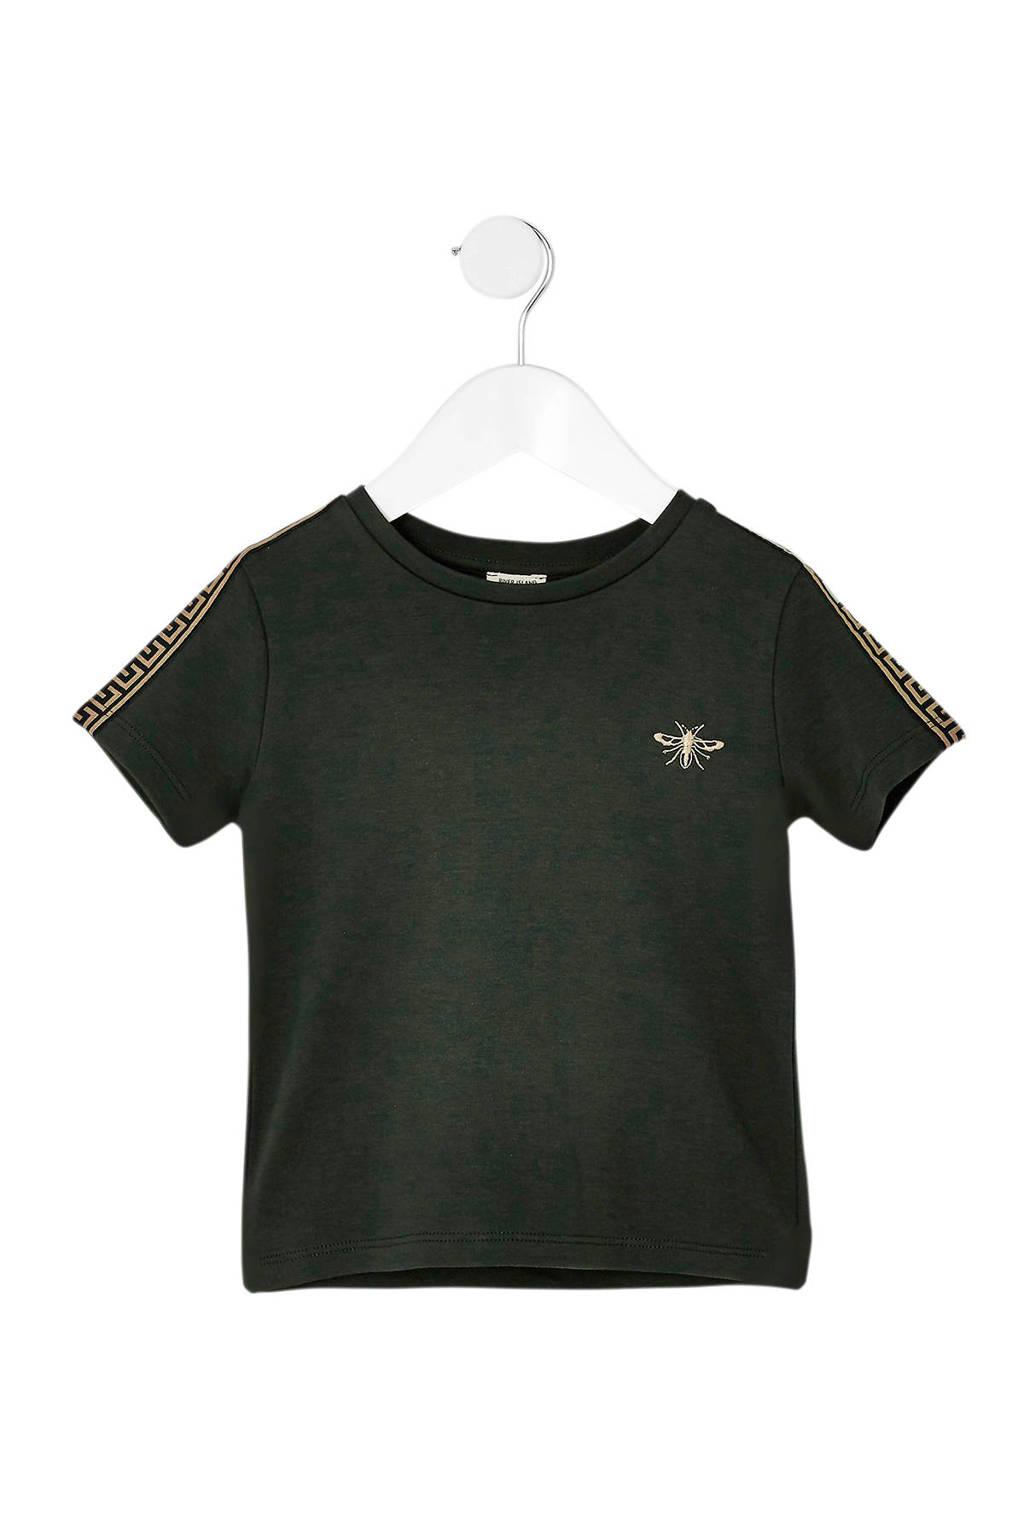 River Island T-shirt met zijstreep en borduursels donkergroen, Donkergroen